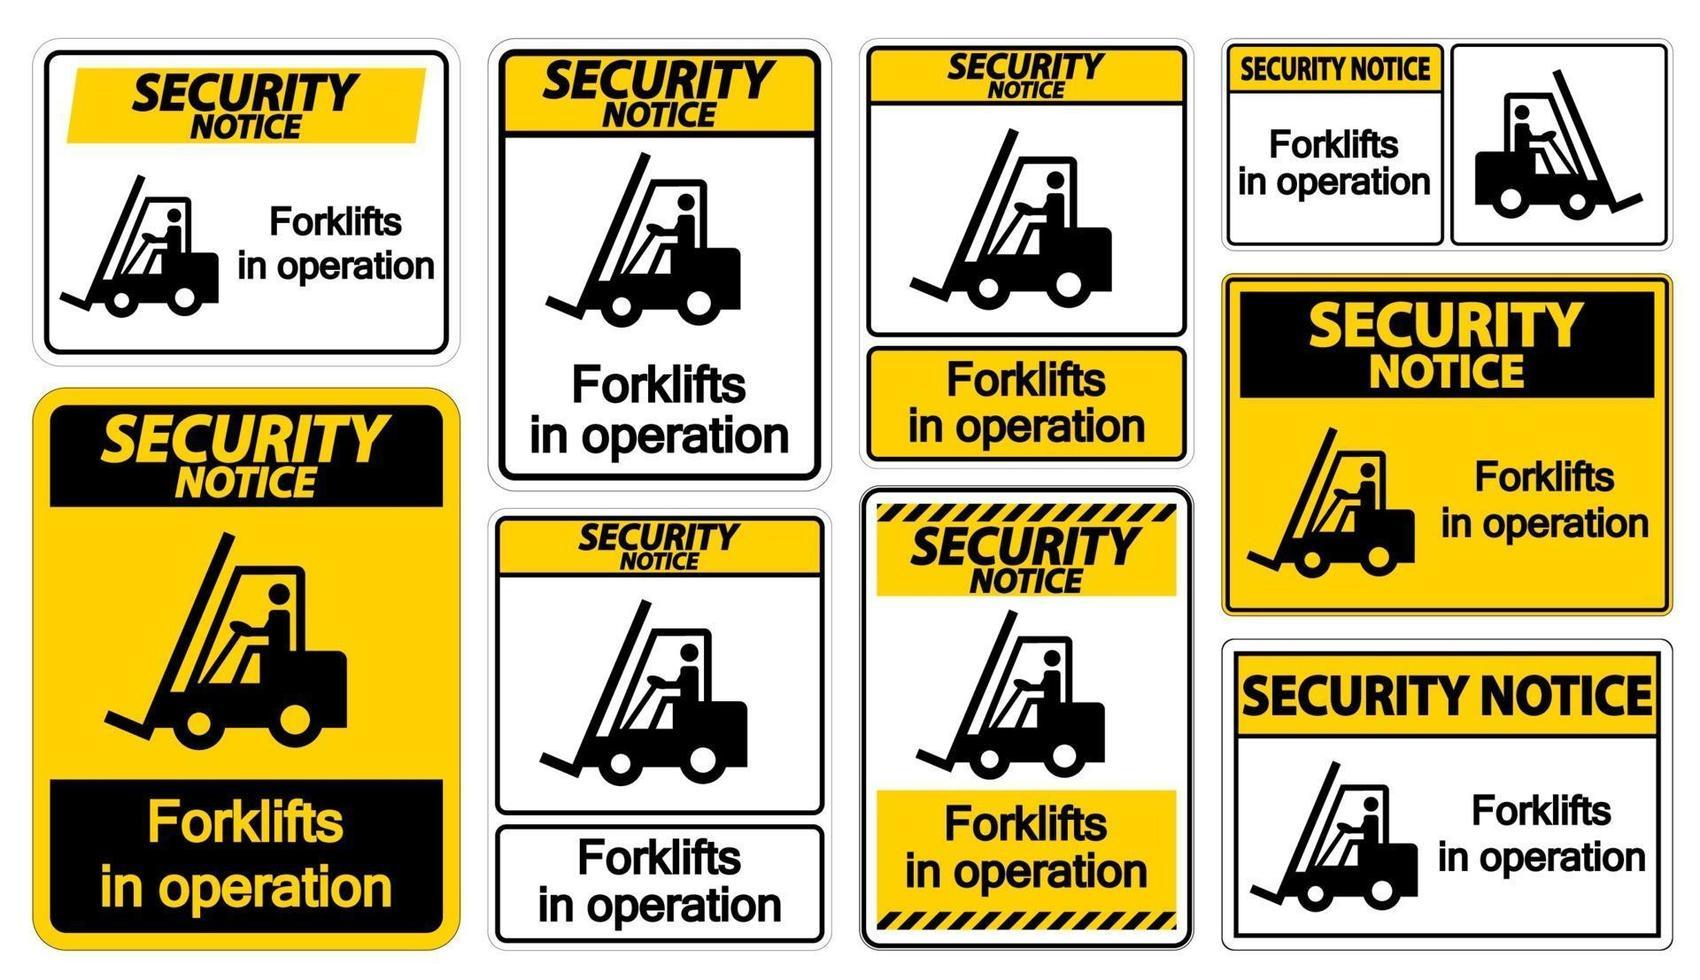 Aviso de seguridad carretillas elevadoras en operación símbolo signo aislar sobre fondo transparente, ilustración vectorial vector